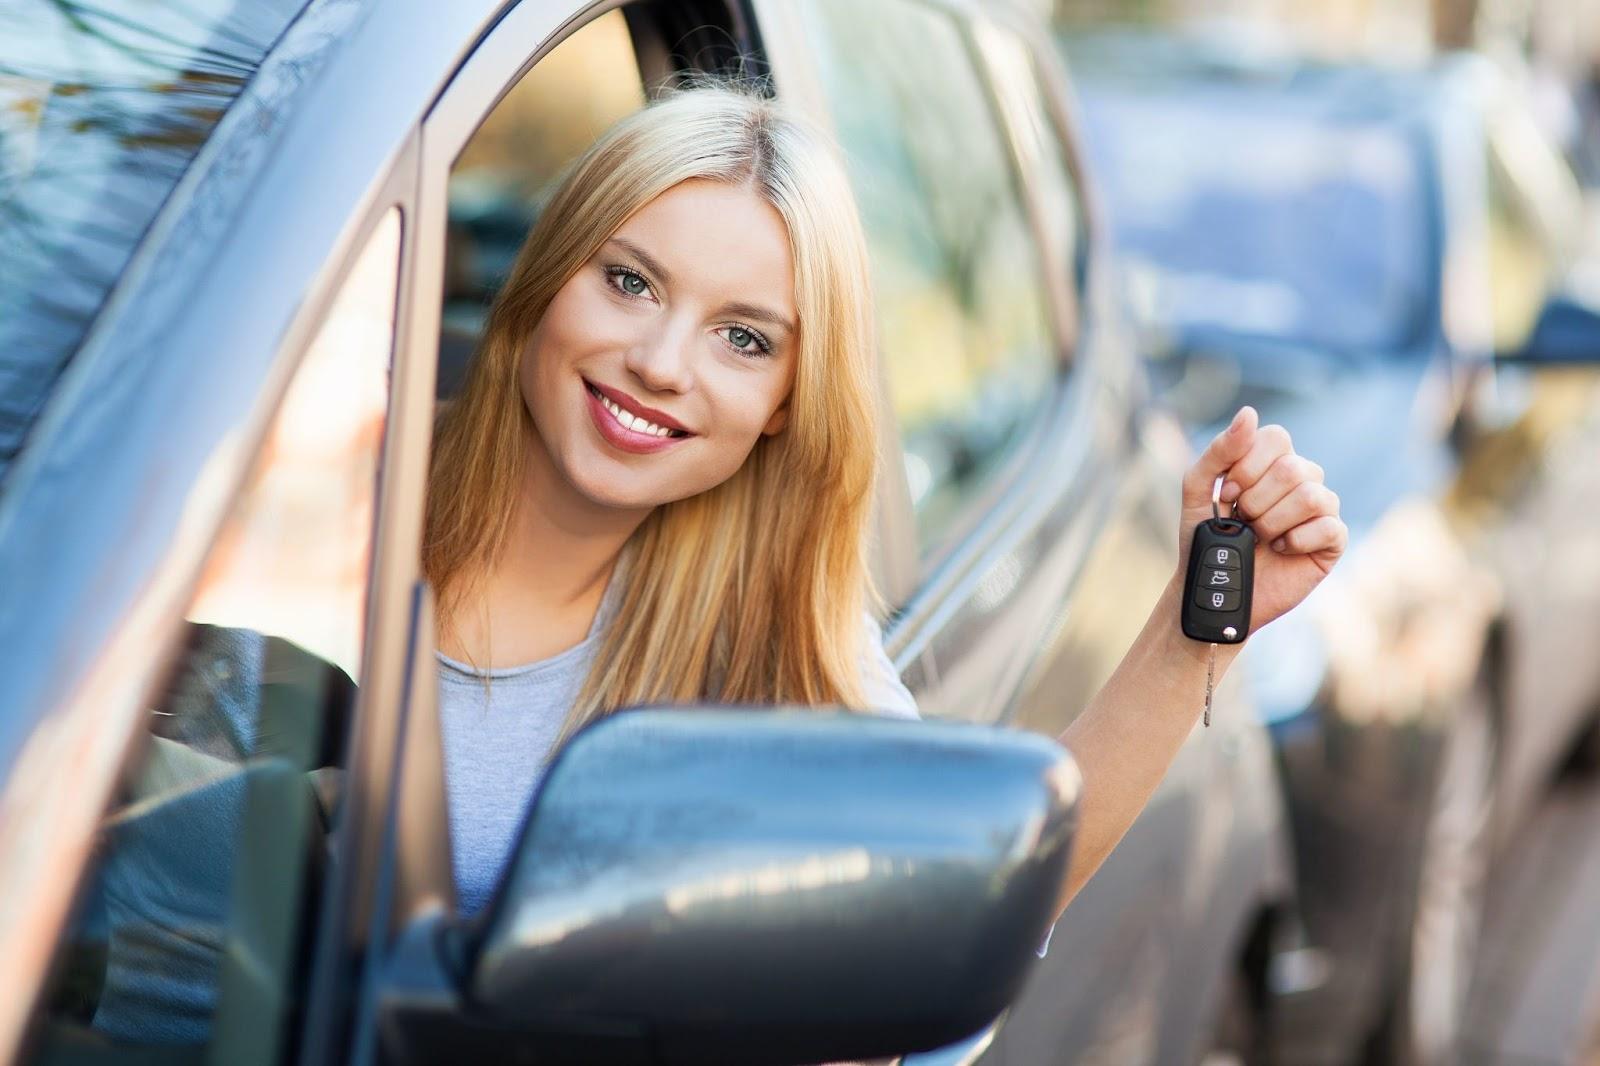 25CE25BF25CE25B425CE25B725CE25B325CF258E25CE25BD2B25CE25B825CE25B12B25CE25B525CF258025CE25AD25CE25BB25CE25B525CE25B325CE25B52B25CE25BC25CE25B925CE25BA25CF258125CF258C25CF258425CE25B525CF258125CE25BF Το 50% των Ελλήνων οδηγών θα επέλεγε μικρότερο αλλά πιο «πράσινο» αυτοκίνητο car, car sharing, LeasePlan Hellas, leasing